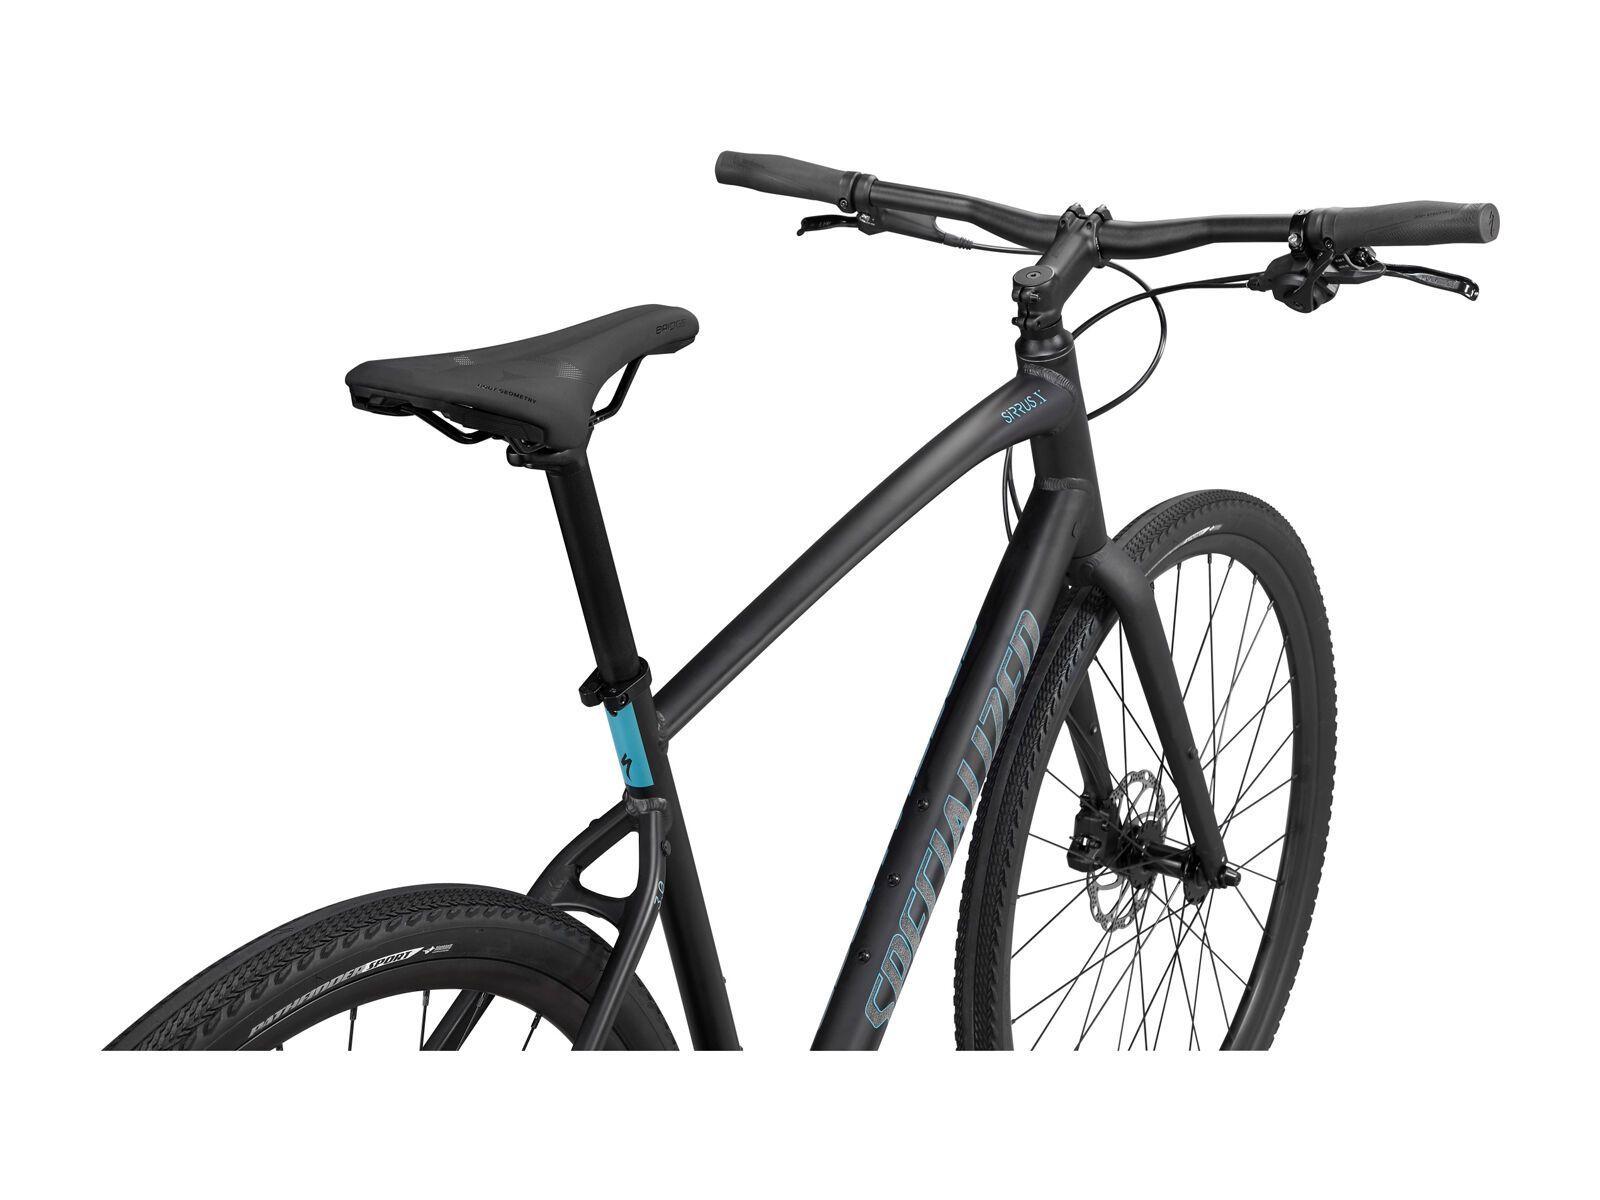 Specialized Sirrus X 3.0, black/grey/black reflective | Bild 6